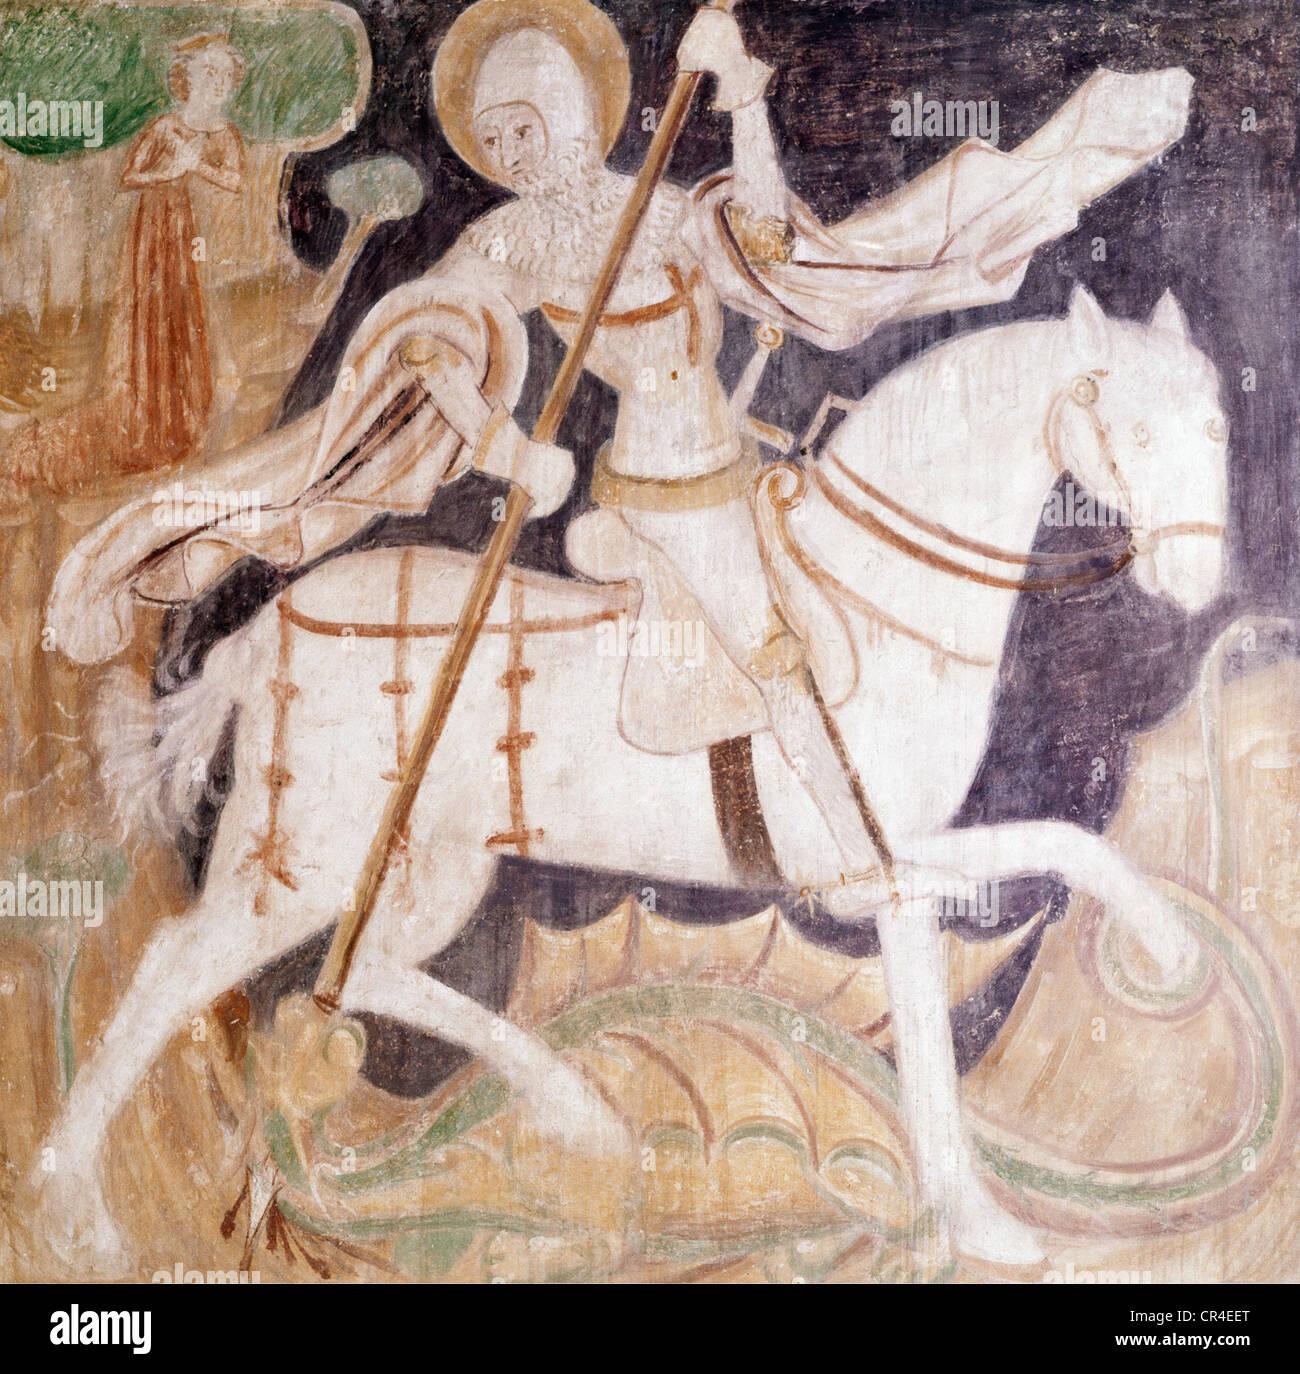 George, Saint, + ca. 303, Märtyrer, heilige Helfer Decke malen, anonym, kämpfen mit dem Drachen kämpfen, Stockbild